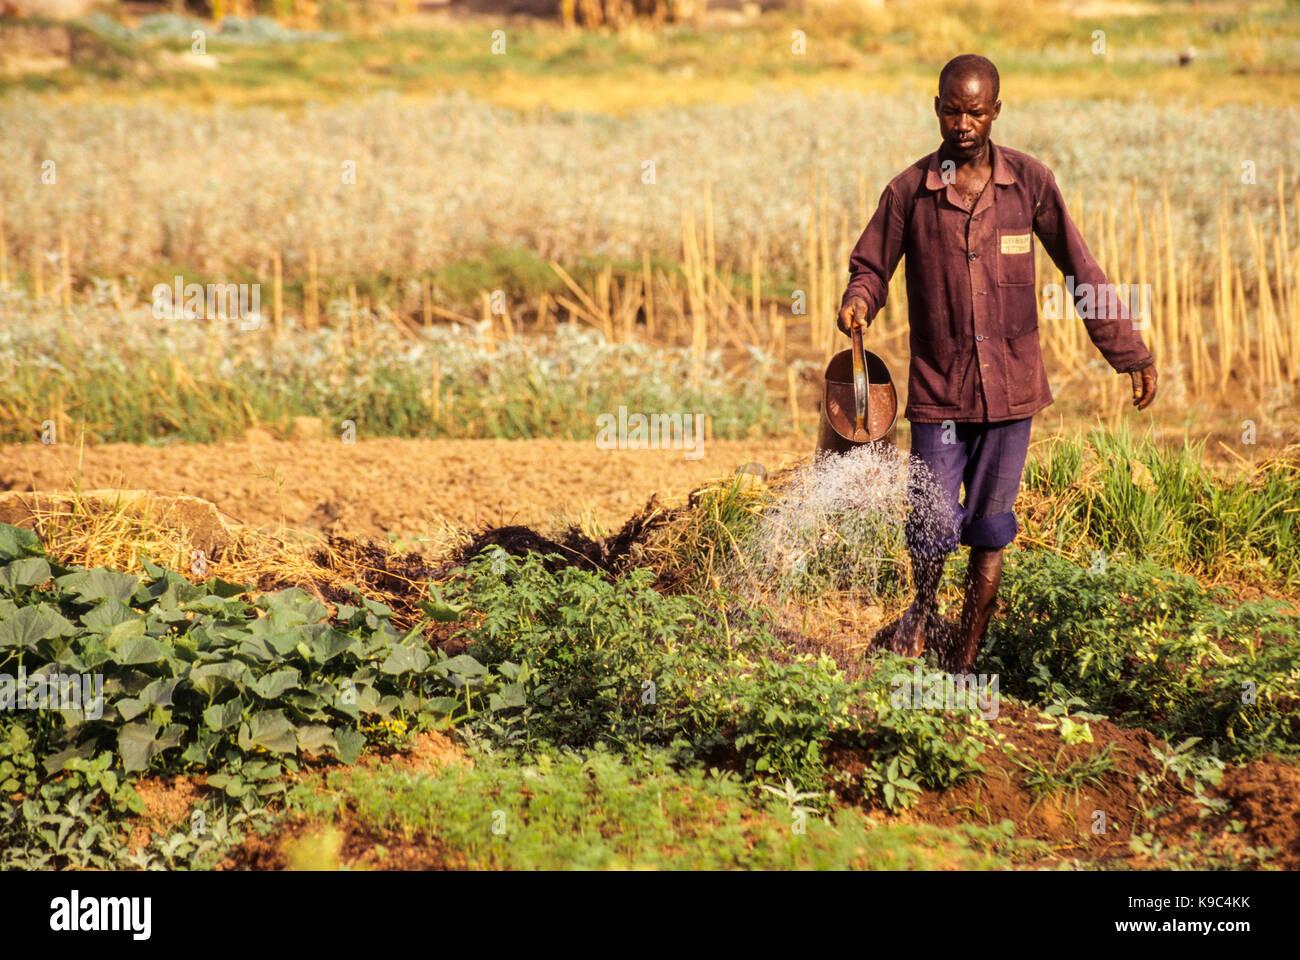 Korhogo, Ivory Coast, Cote d'Ivoire.  Senoufo Farmer Tending his Garden Plot. - Stock Image